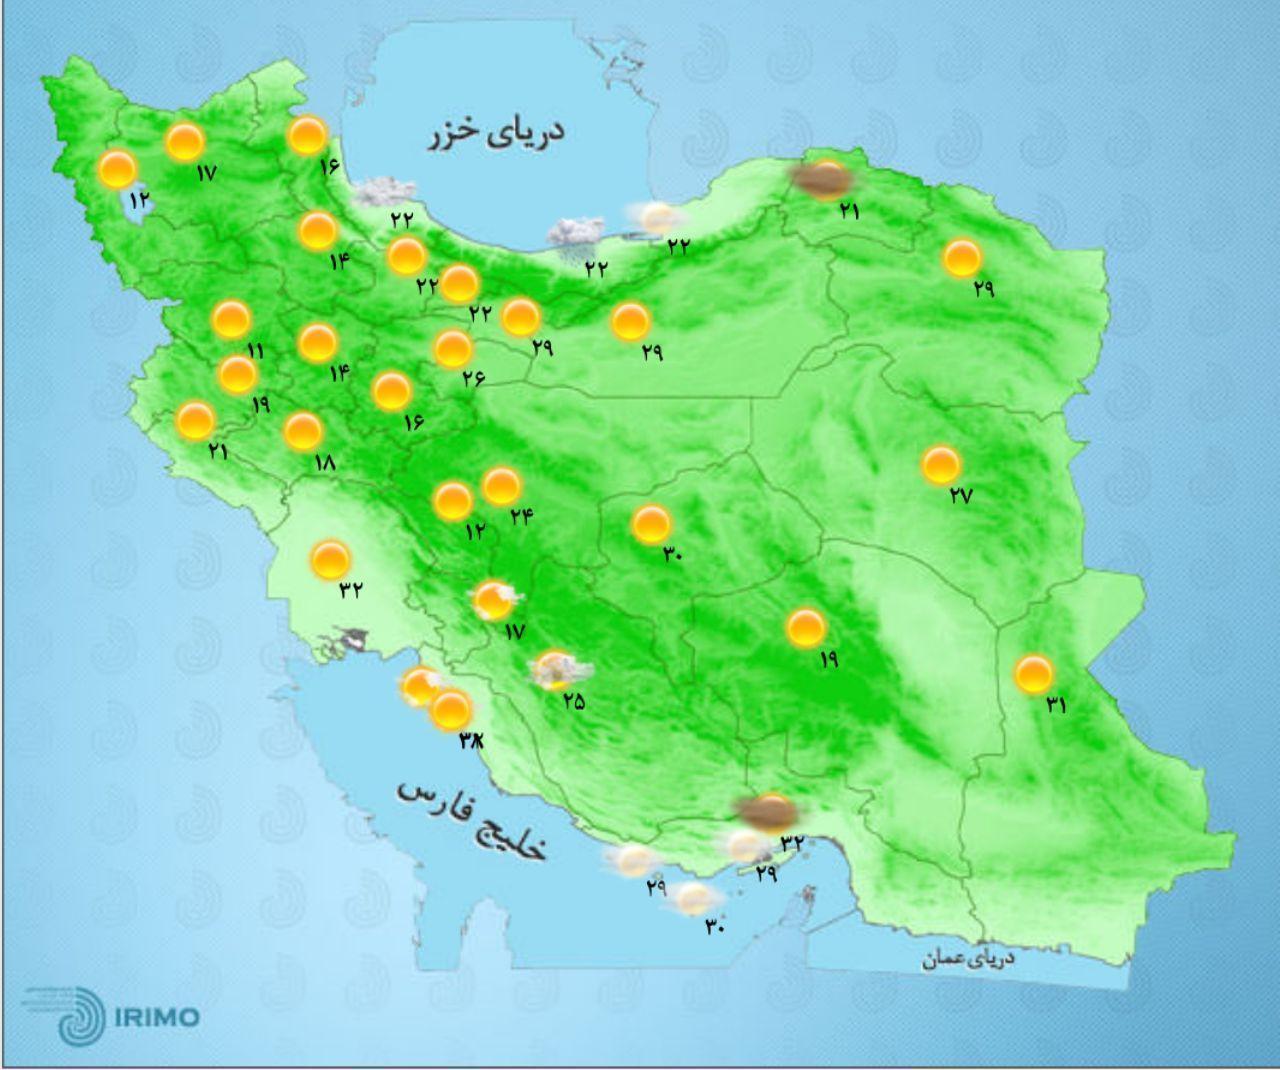 وضعیت آب و هوای استان های کشور